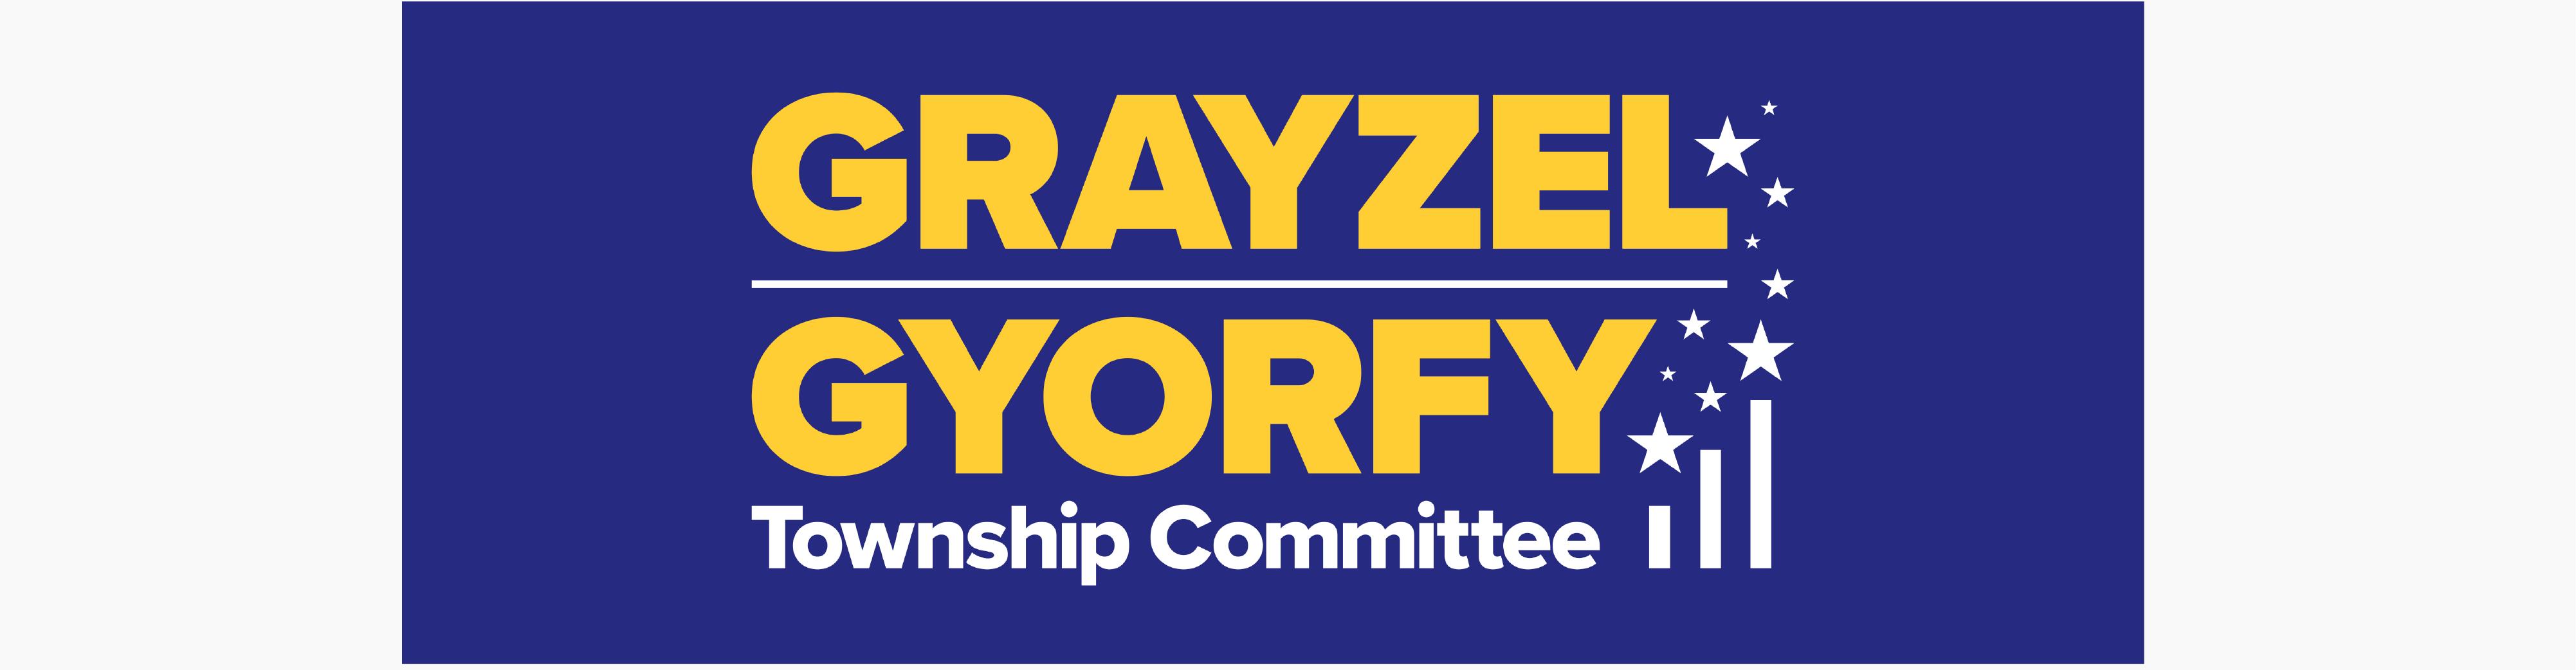 Jeff Grayzel, Mark Gyorfy